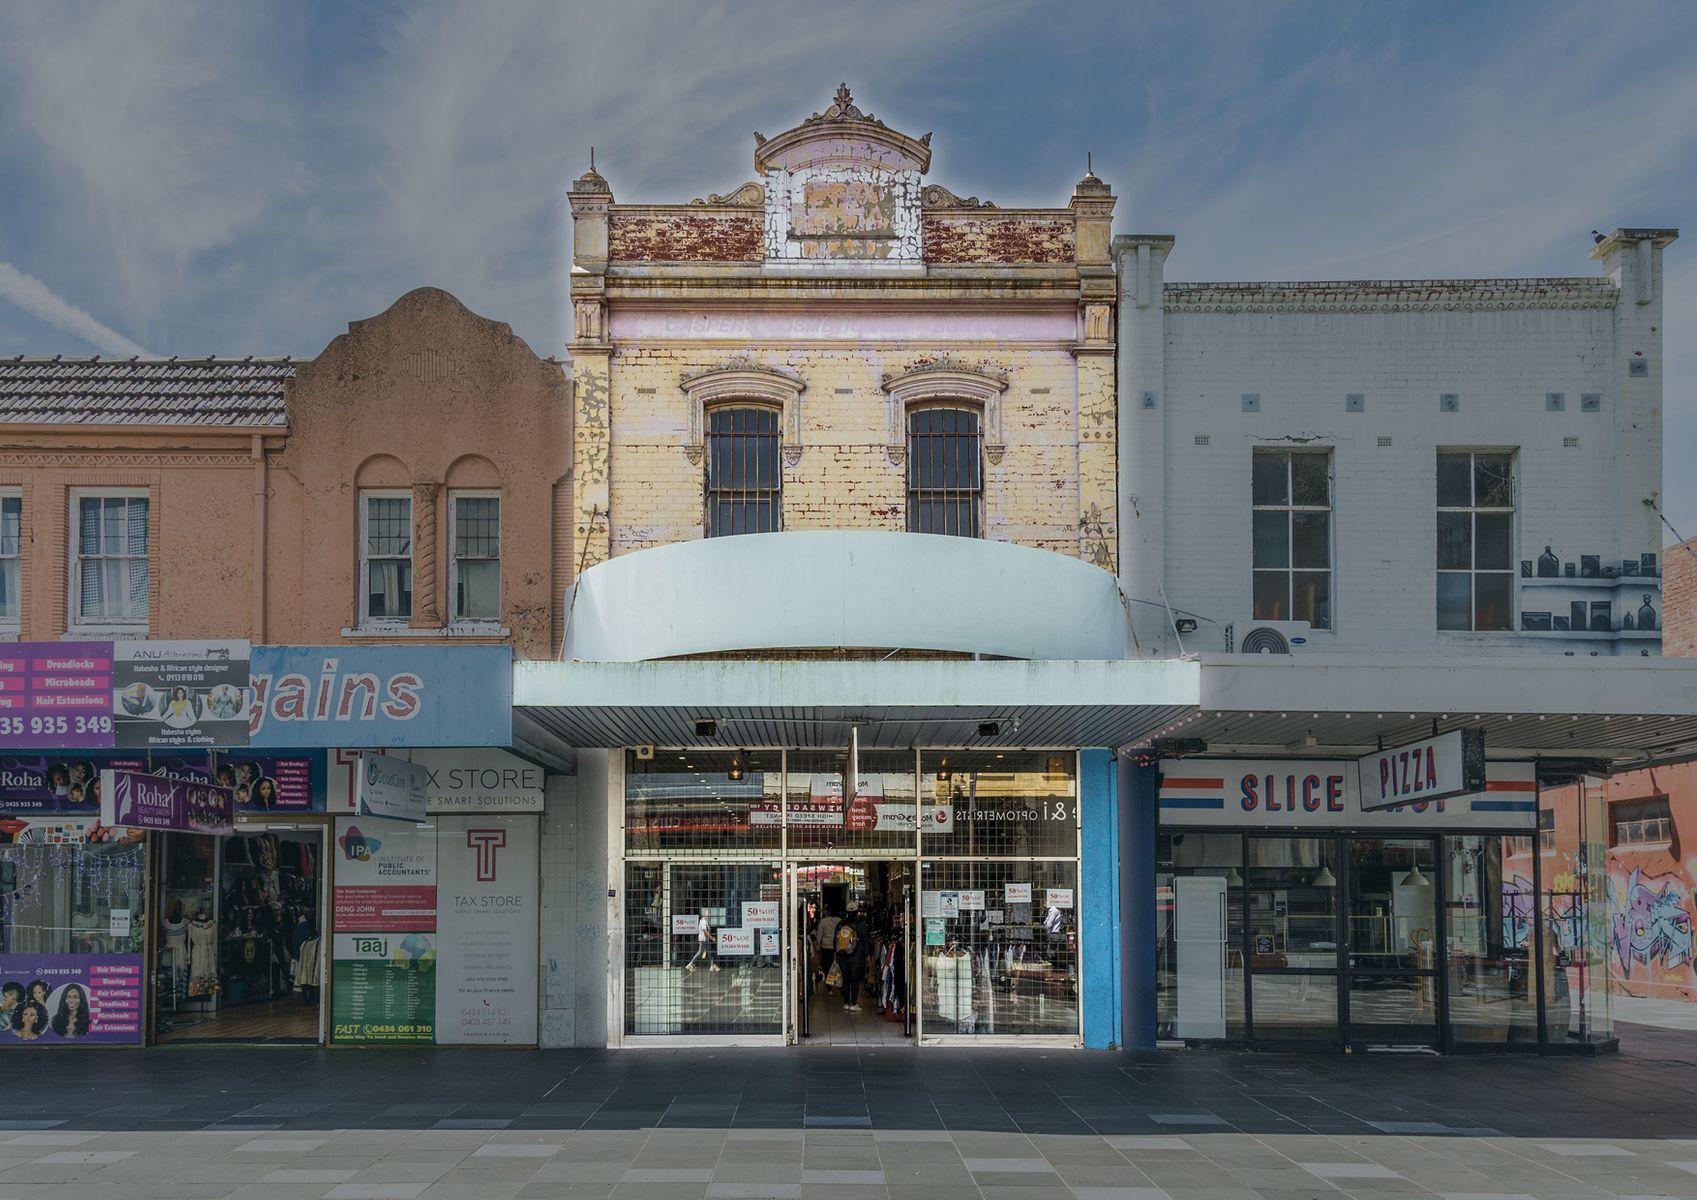 TC0229 99 Nicholson St Footscray MarkUp 0009